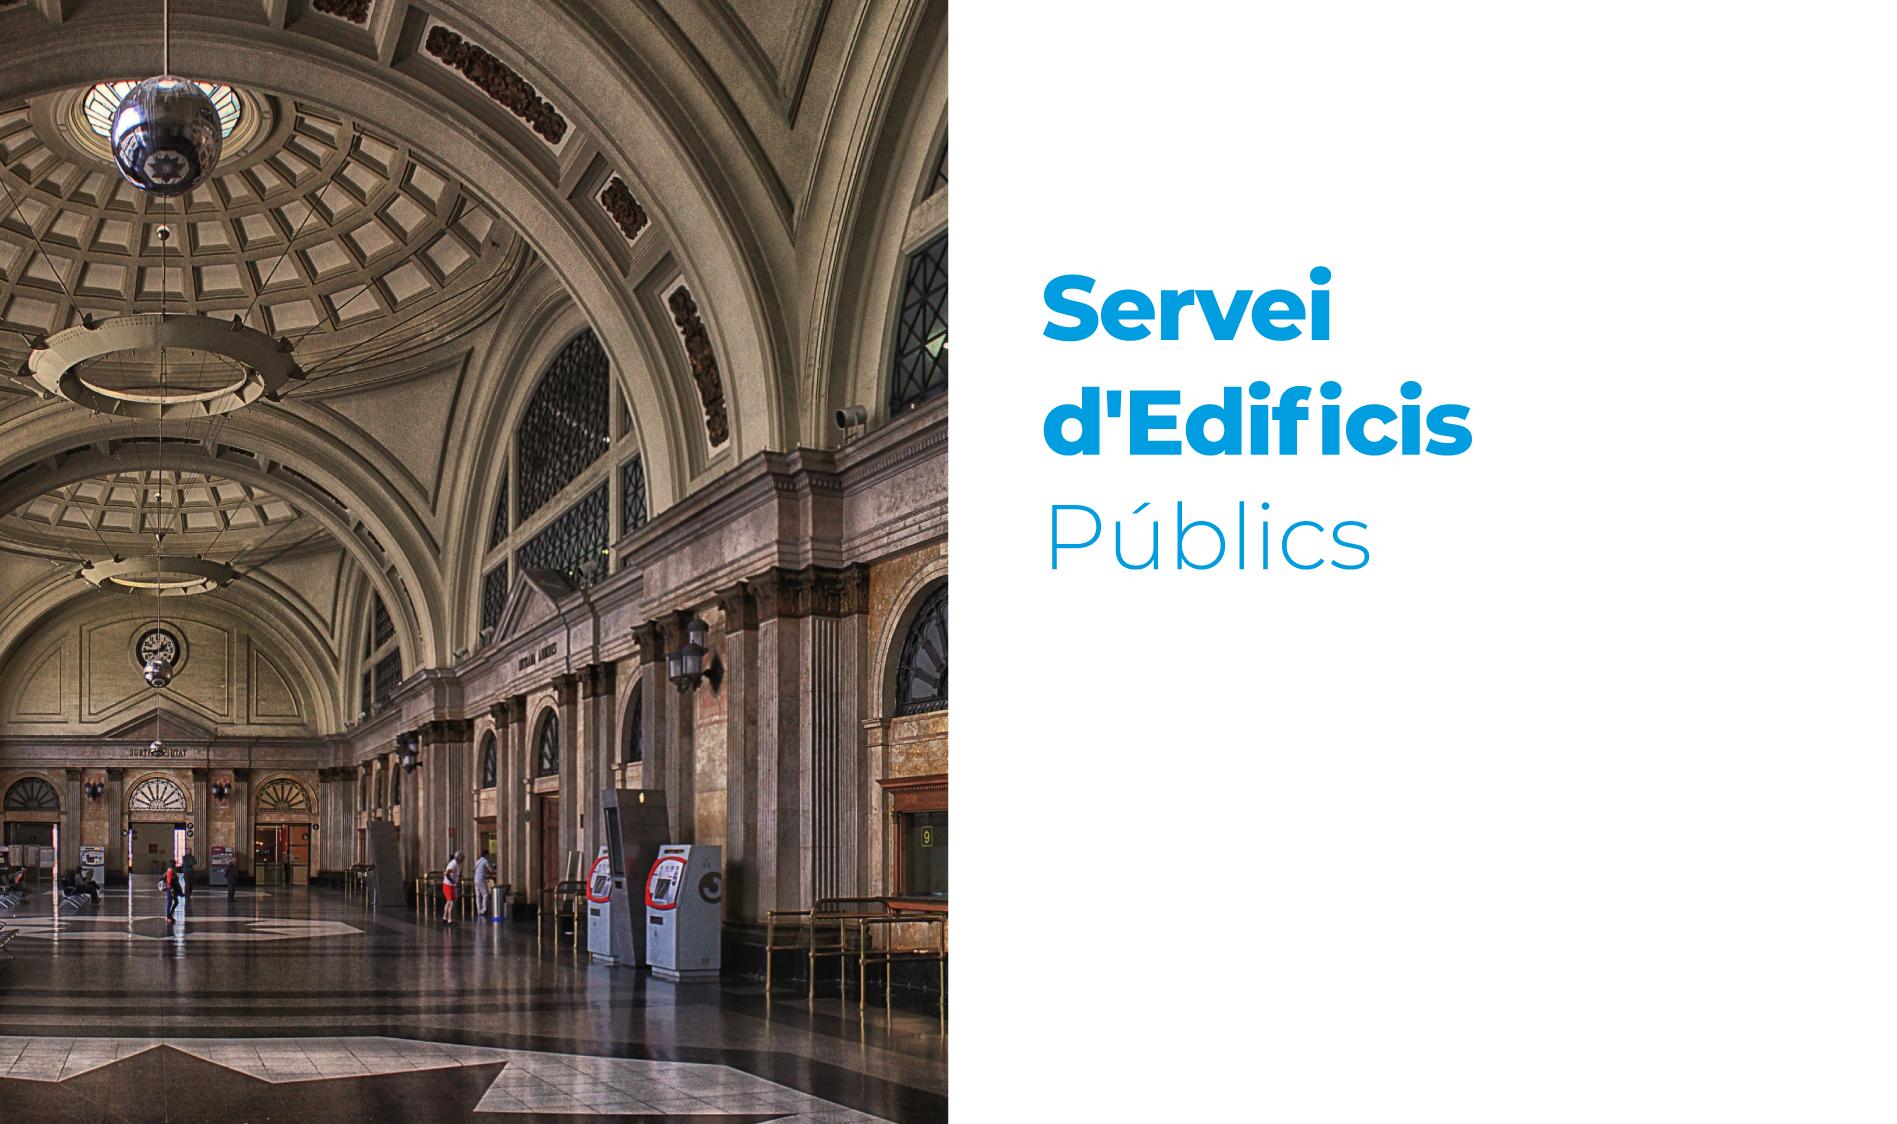 Servei d'Edificis Públics